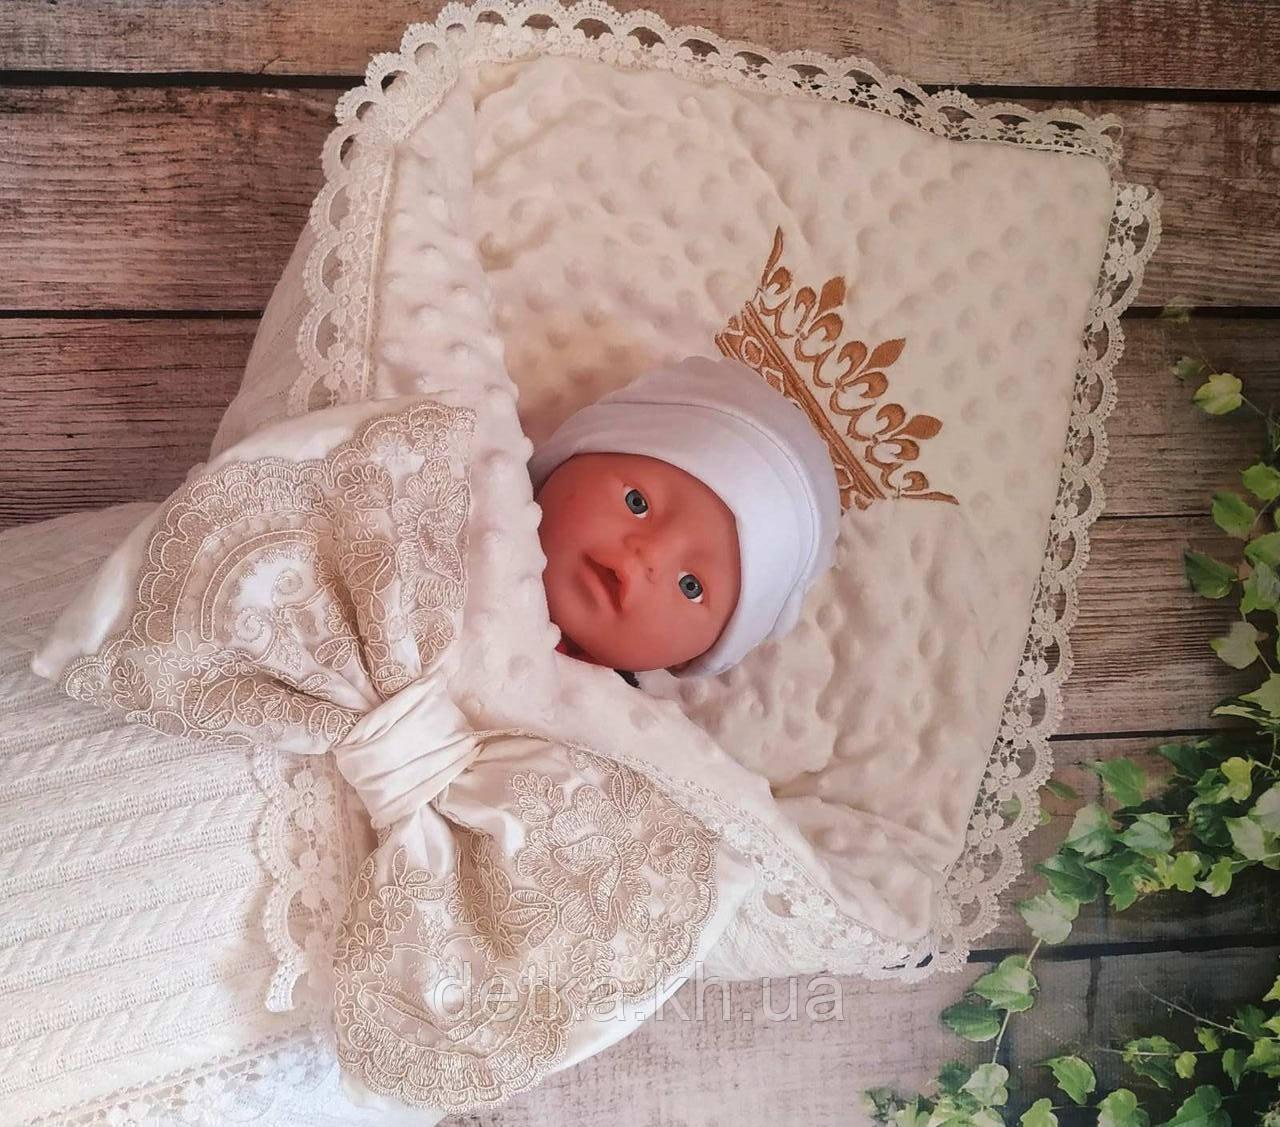 Нарядный конверт, одеяло для новорожденного, осень/зима